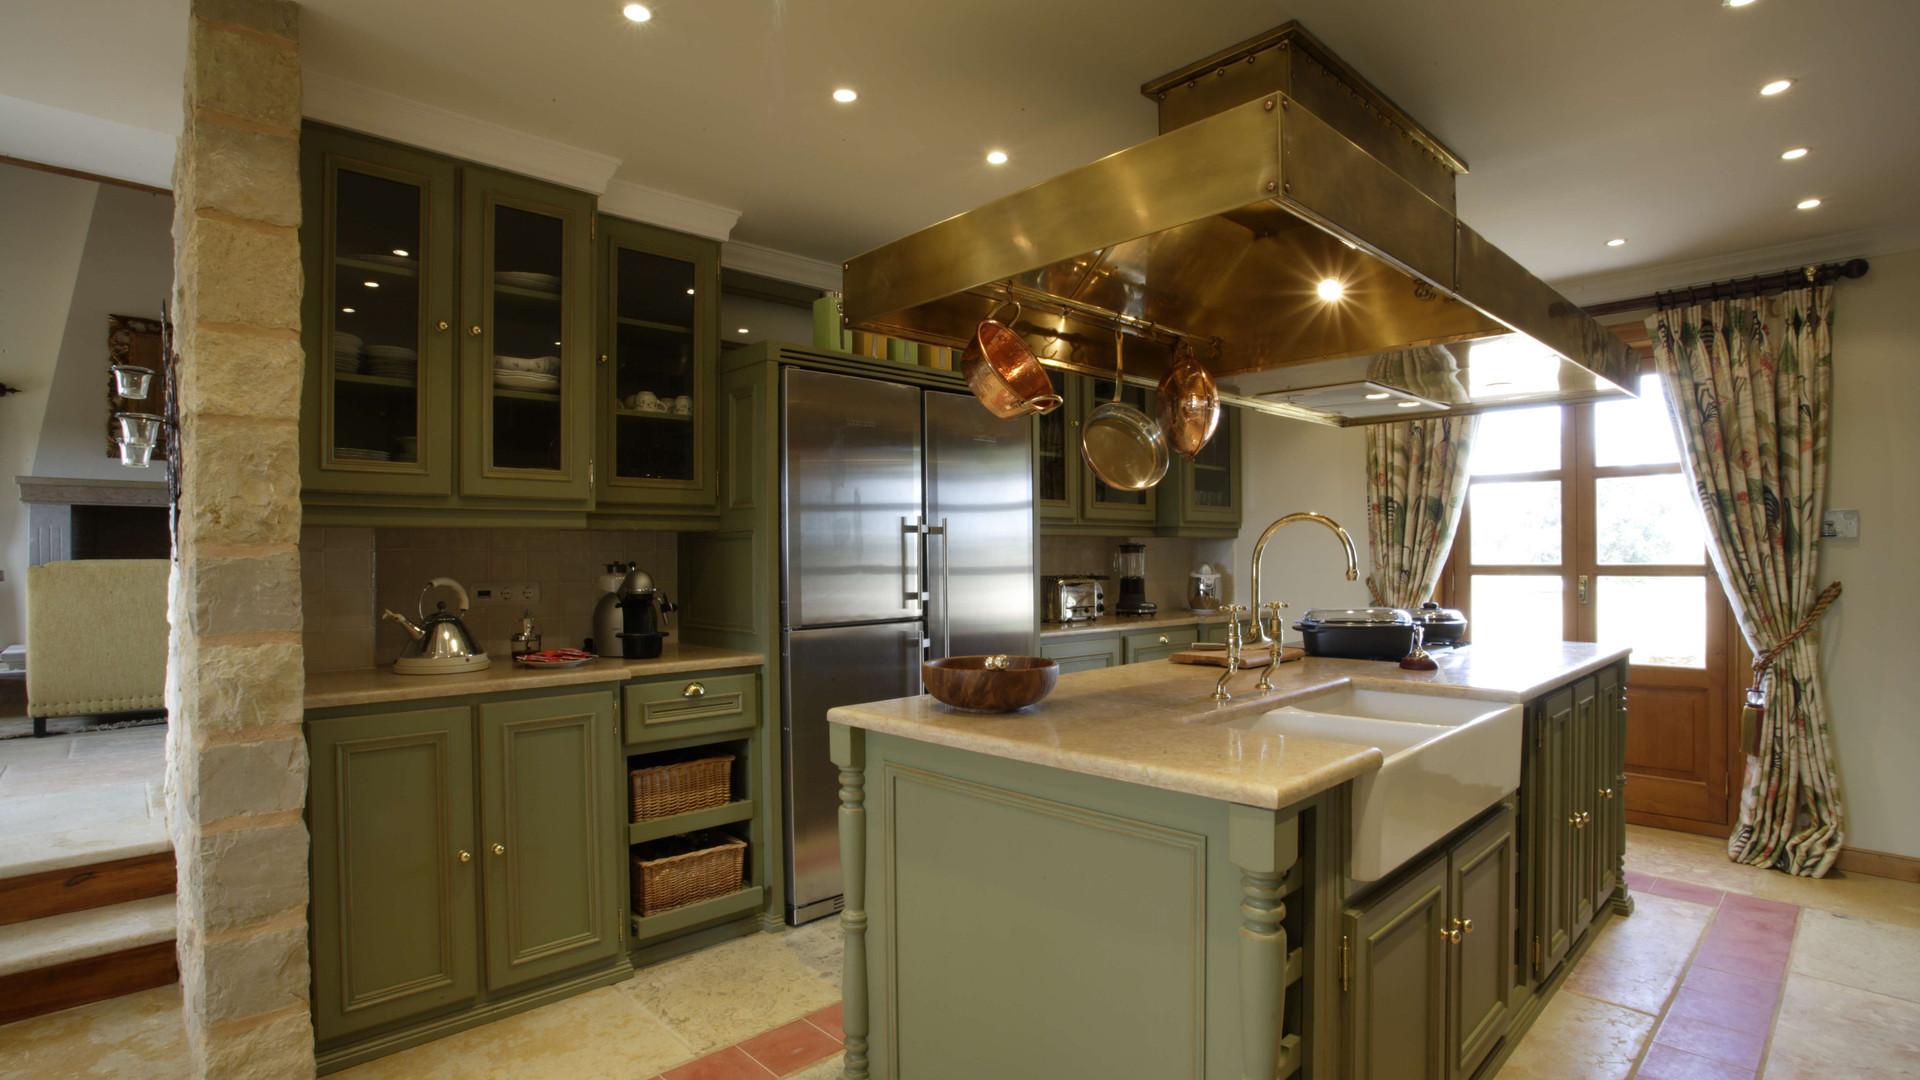 Cozinha clássica pintada . Algarve . 2007